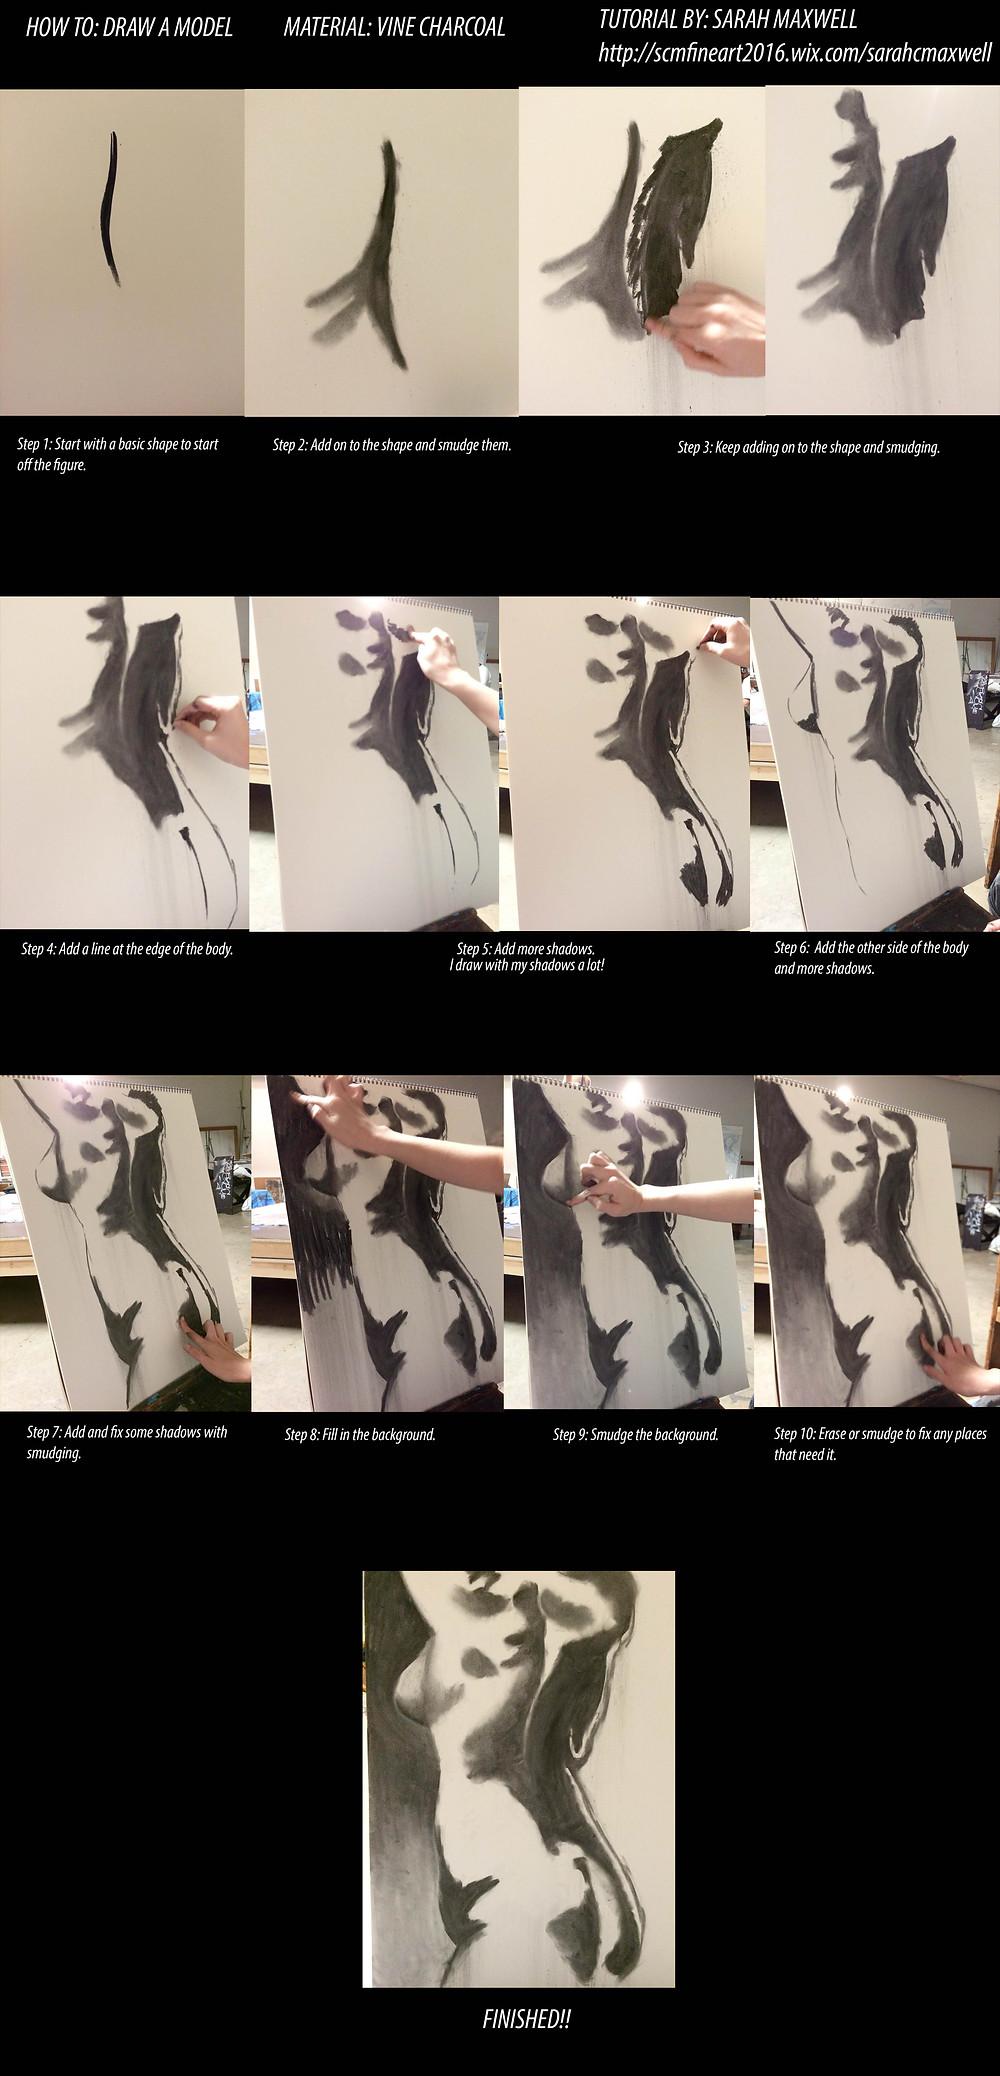 How to Model.jpg